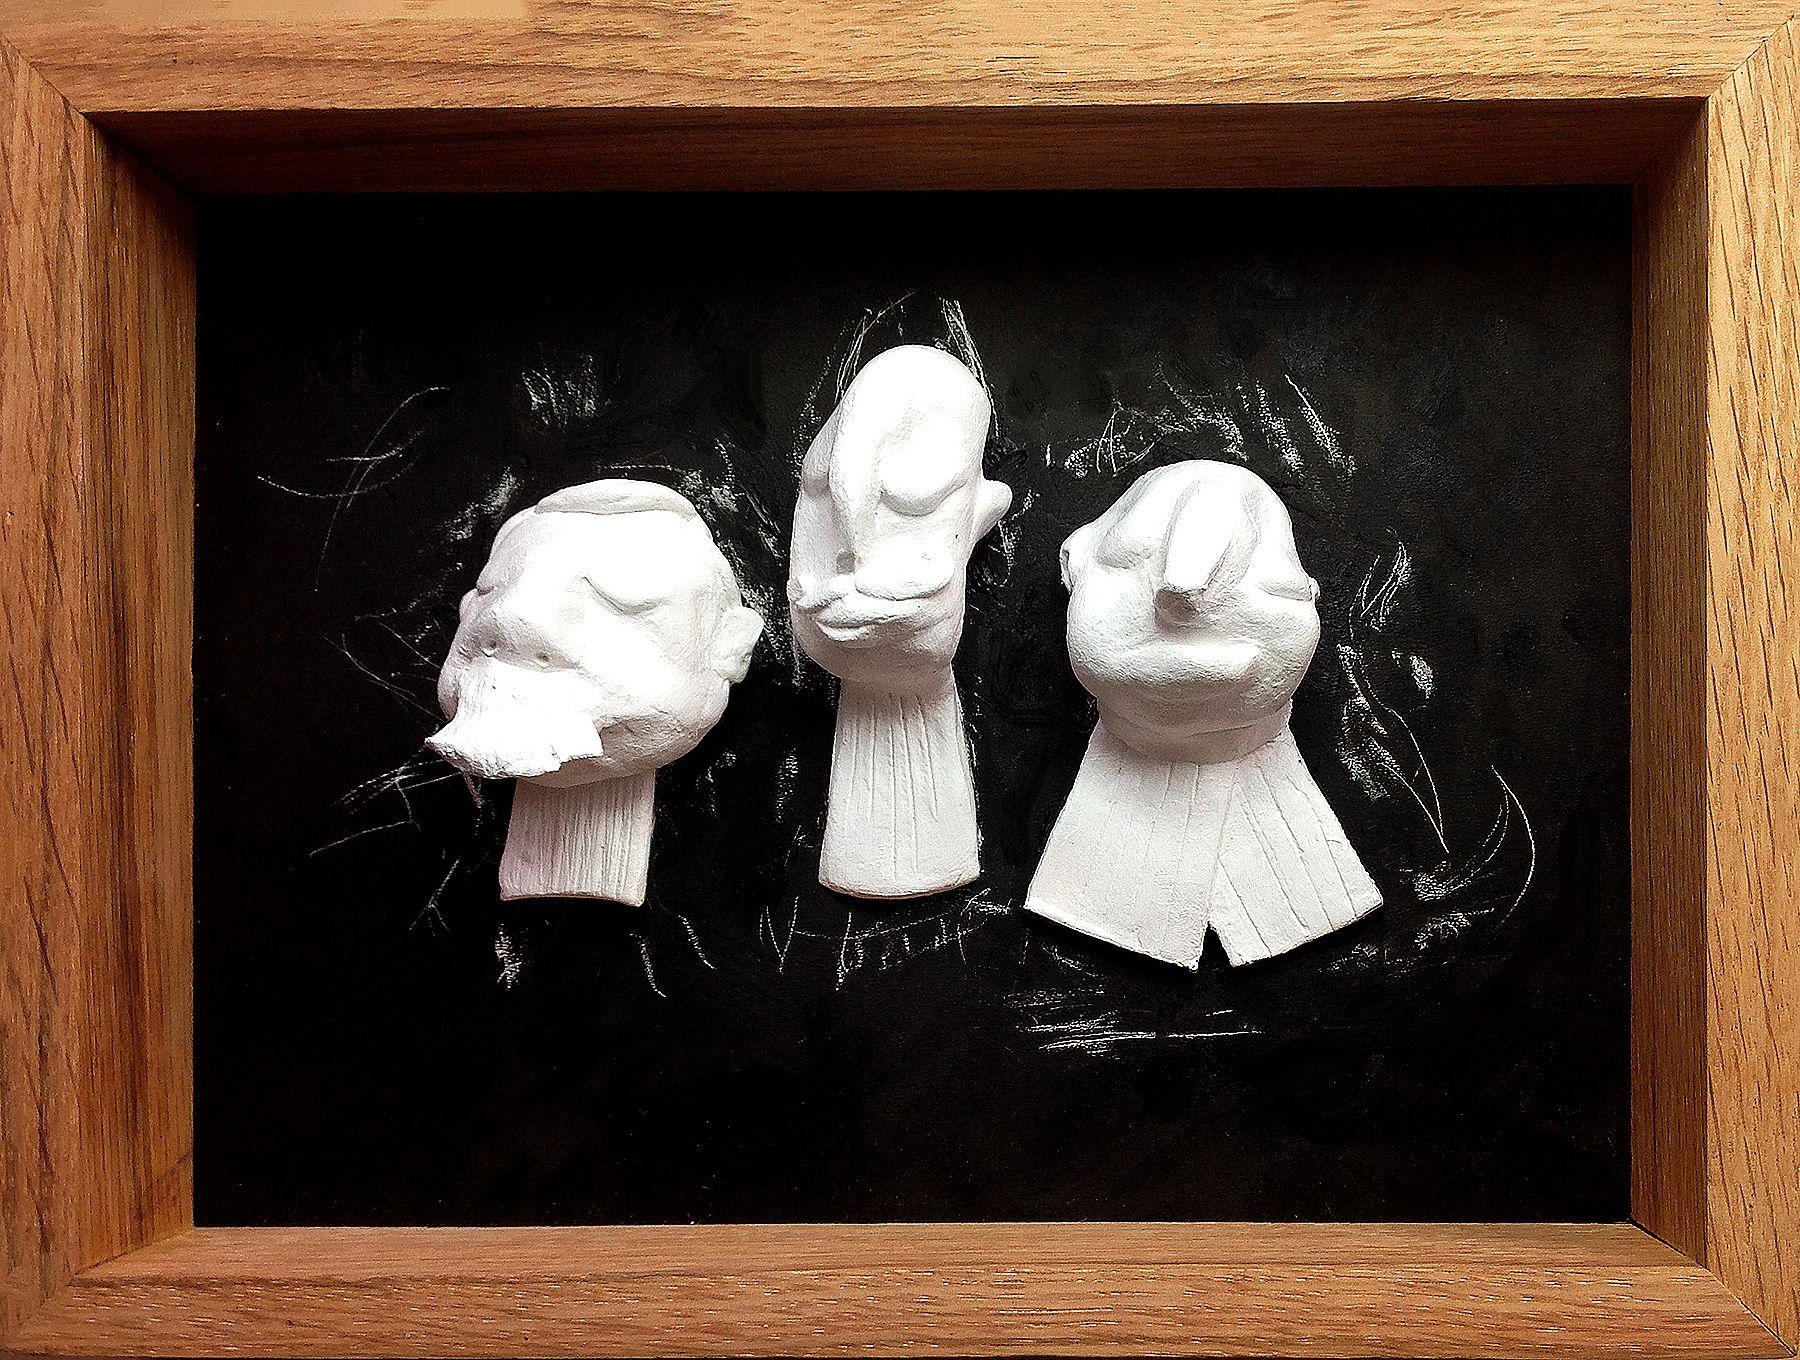 Petits avocats. 3 sculptures en argile blanche sur fond noir.Cadre en chêne, fait main.